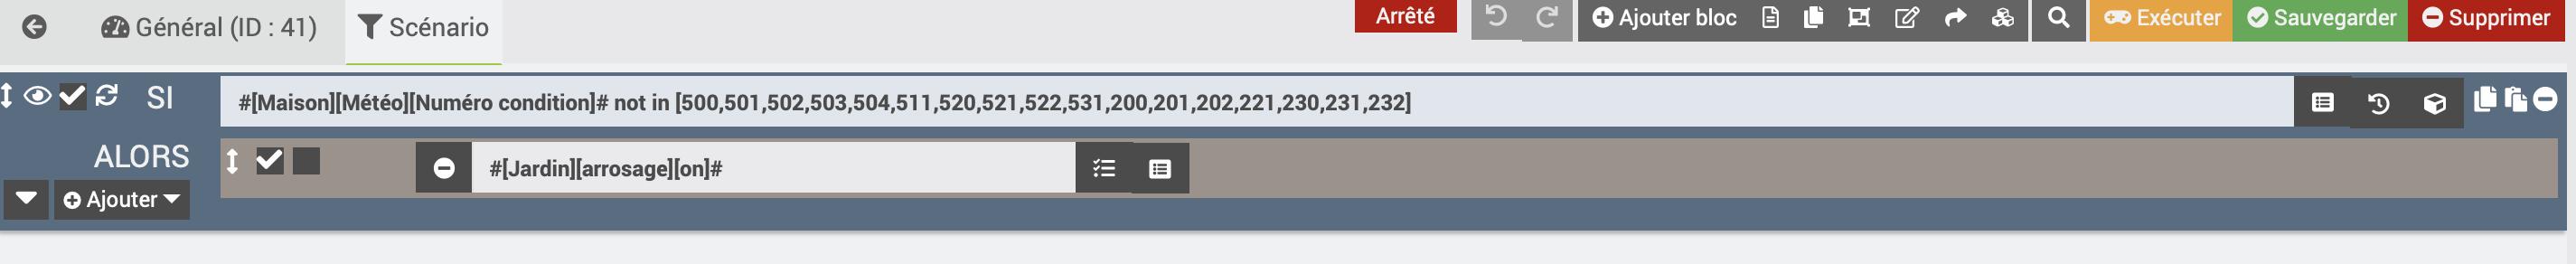 Capture d'écran 2021-09-08 à 14.47.05